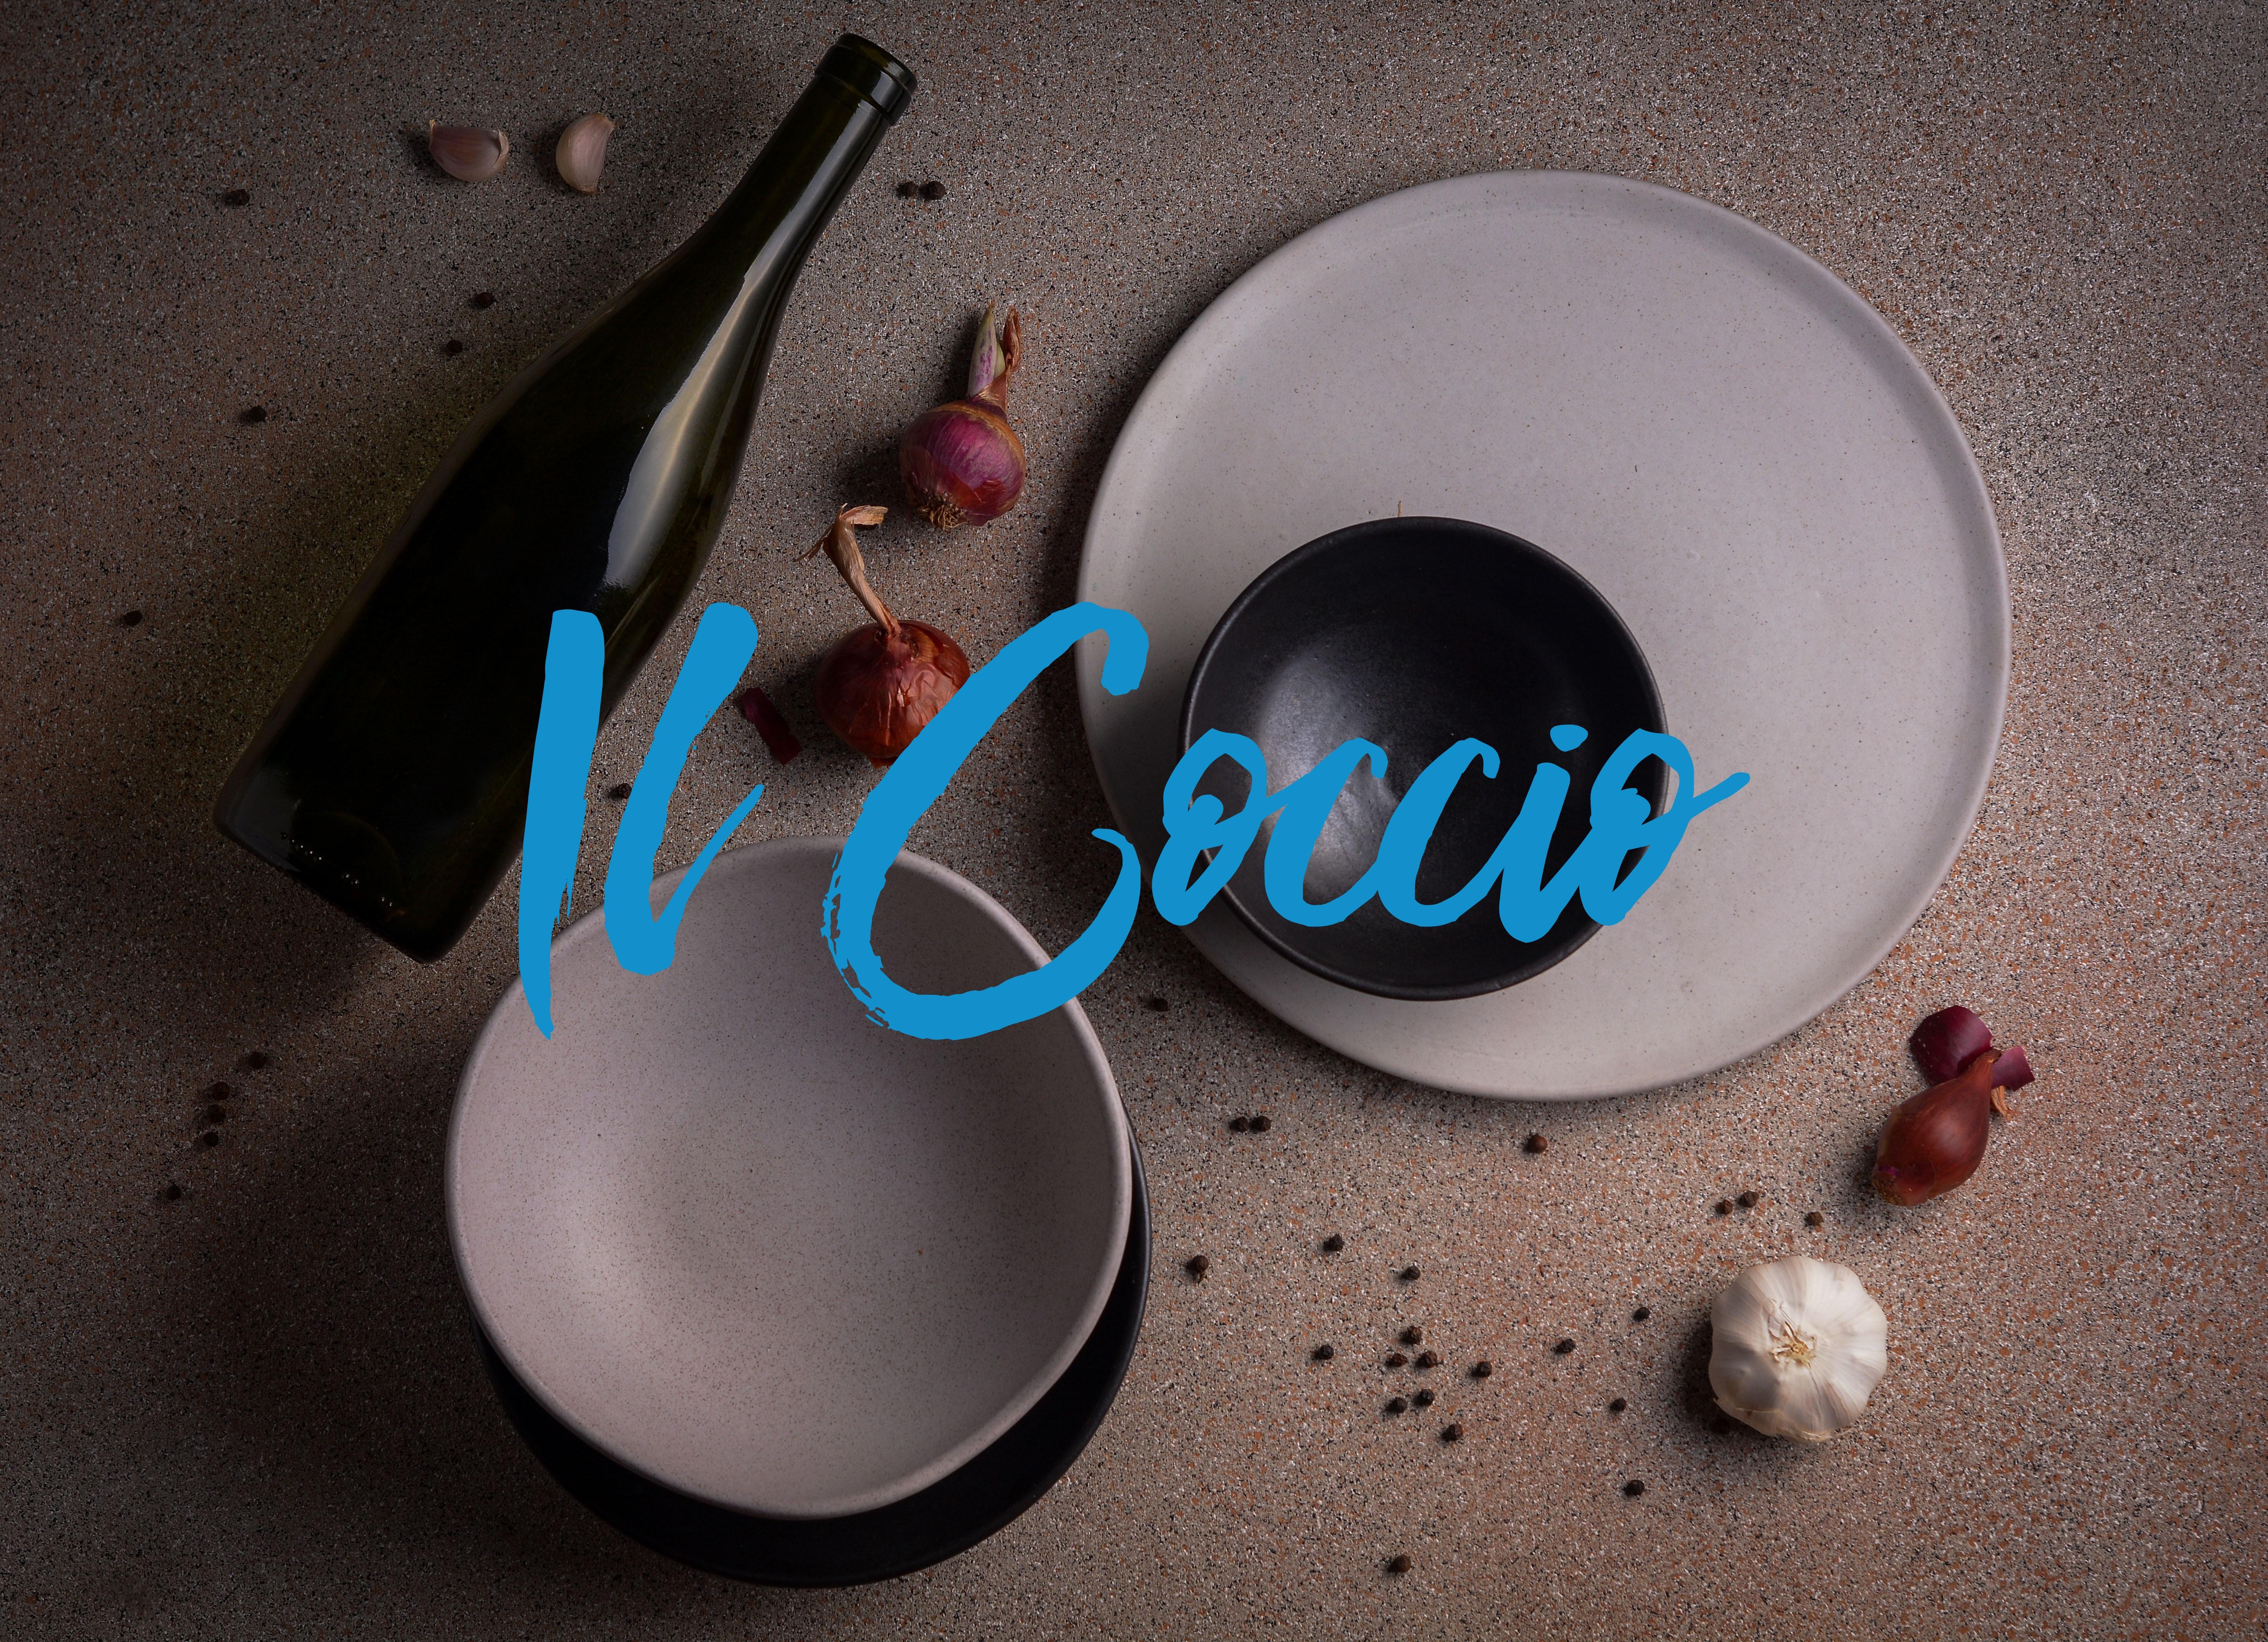 DSC_3695 copy with logo.jpg